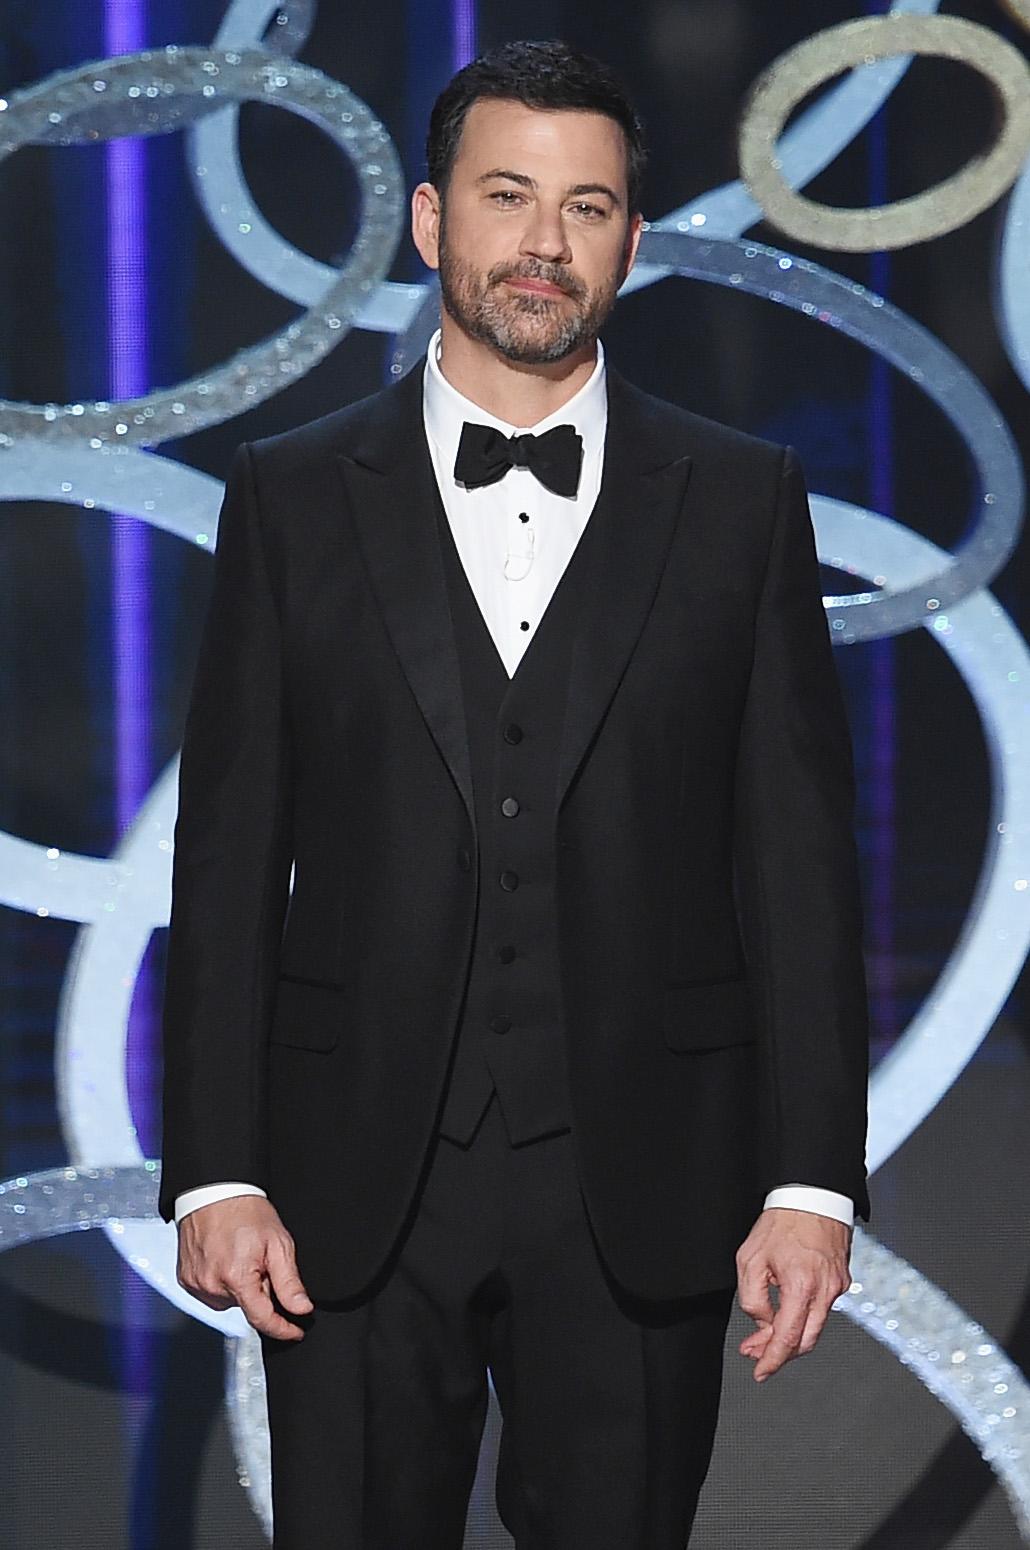 Óscares sob pressão para escolherem Jimmy Kimmel como anfitrião